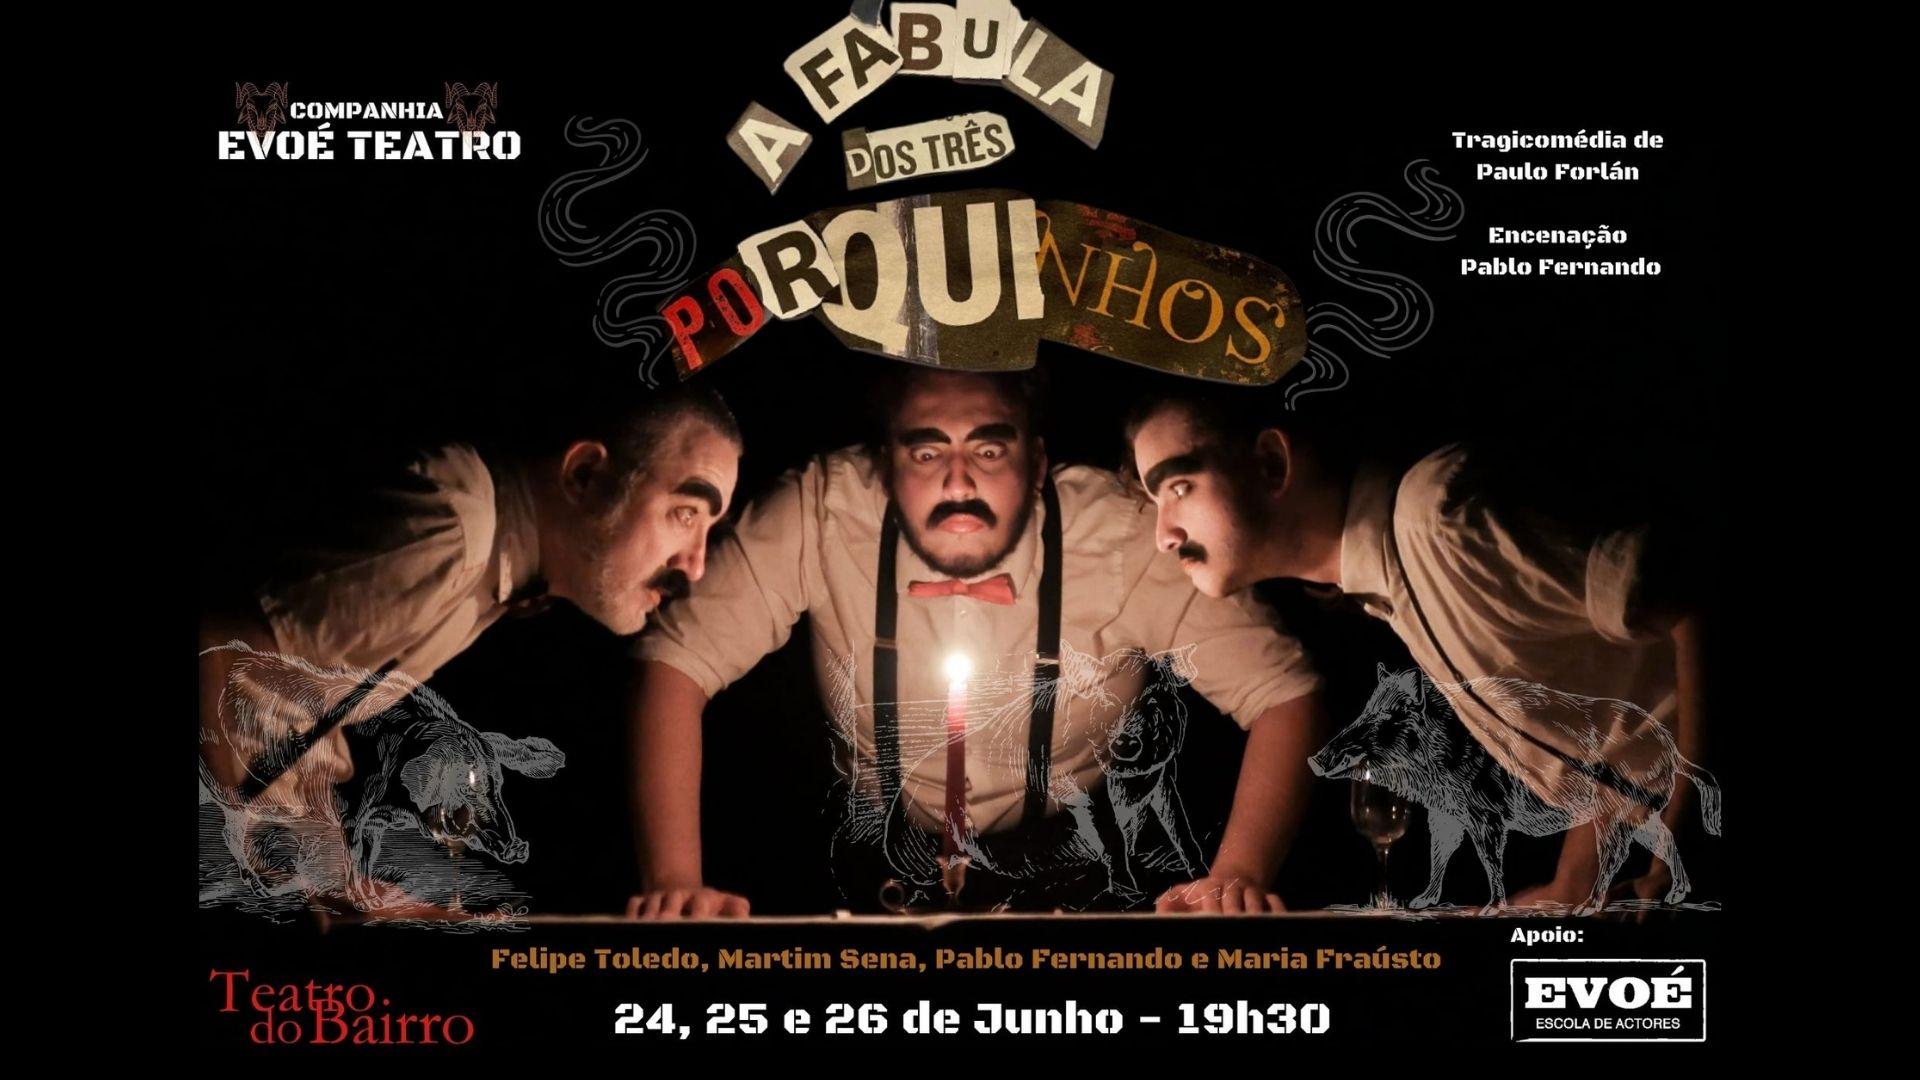 A Fábula dos Tês Porquinhos - Bigodeia Lusitana  uma Trilogia Farfalhuda Acompanhada de um Pentelho